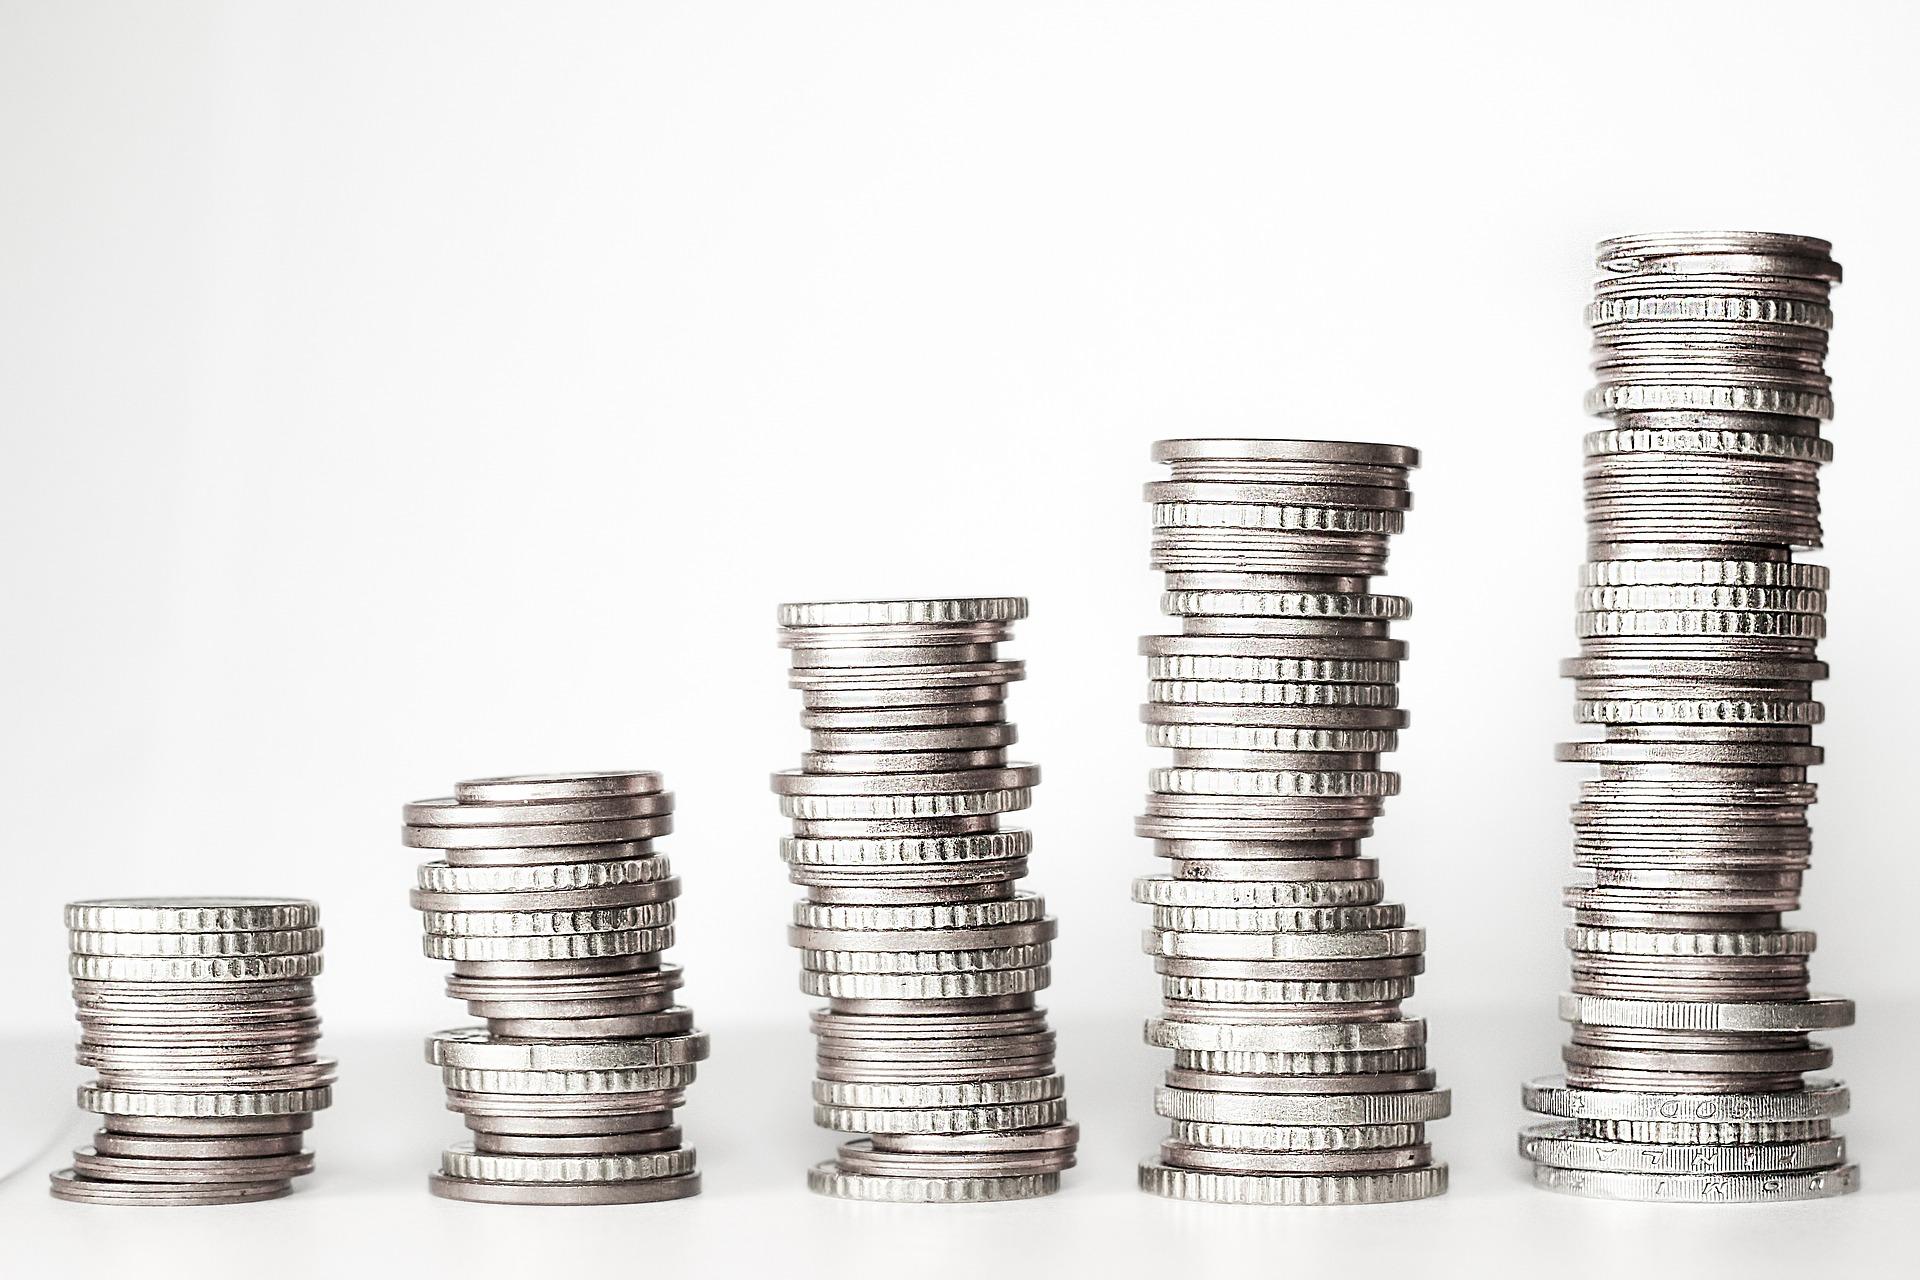 仮想通貨の利益を表す図